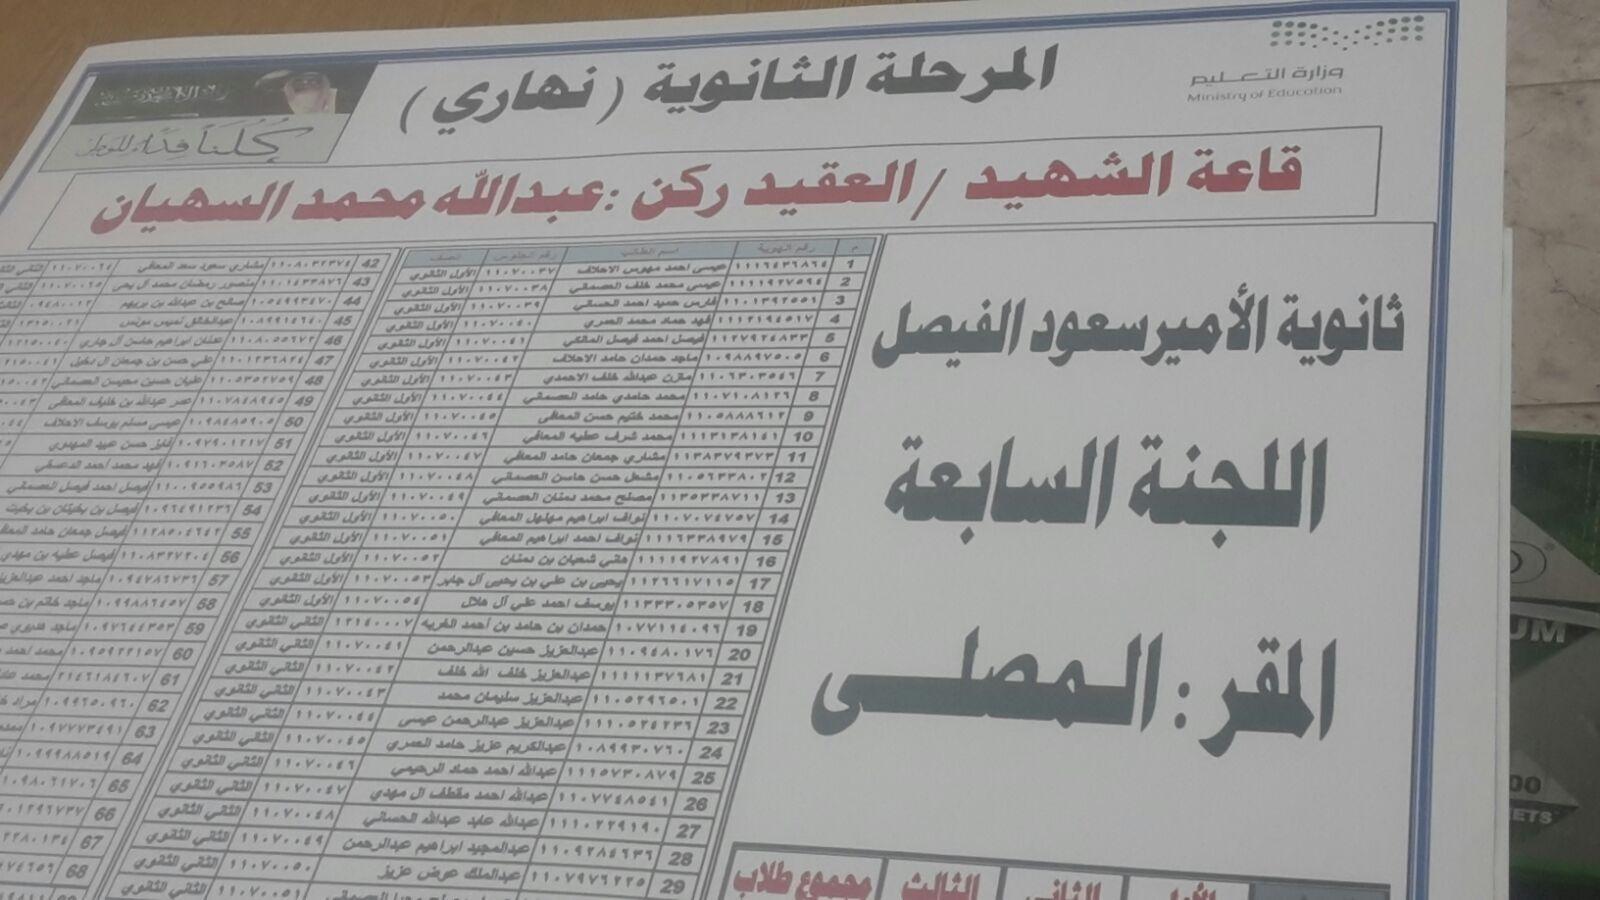 اسماء-الشهداء-تزين-مدرستين-باضم (2)